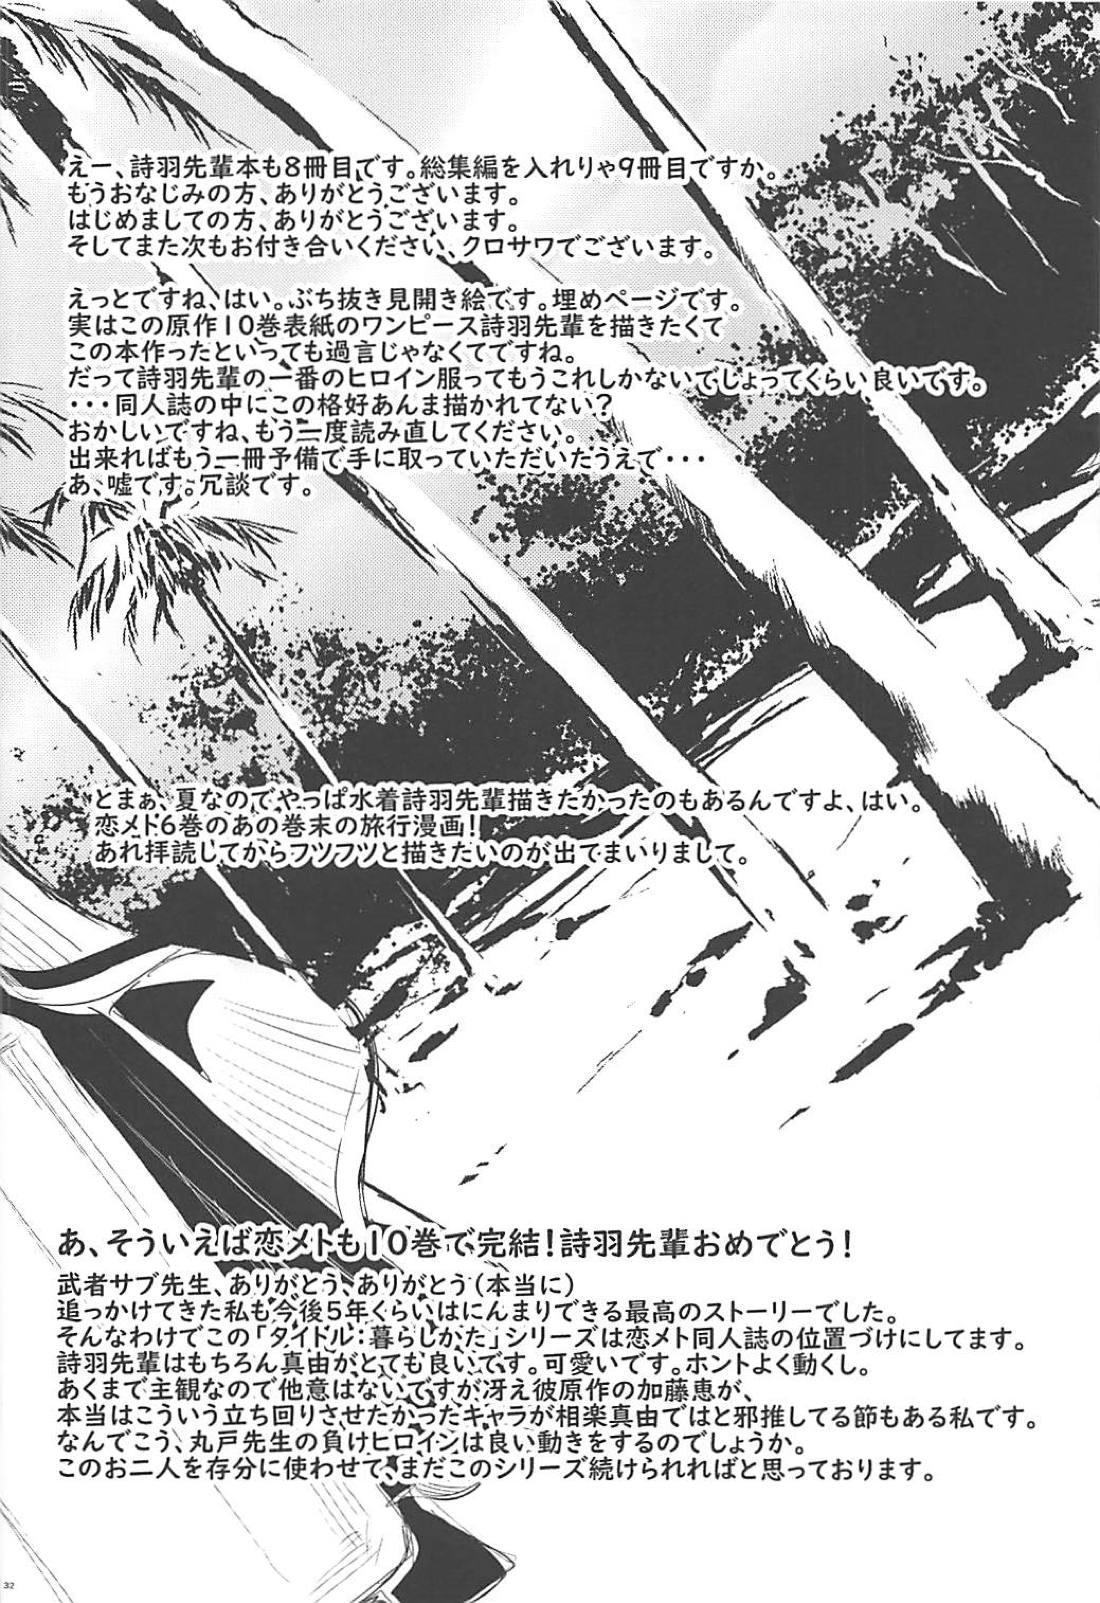 Saenai Futari no Kurashikata 3 30